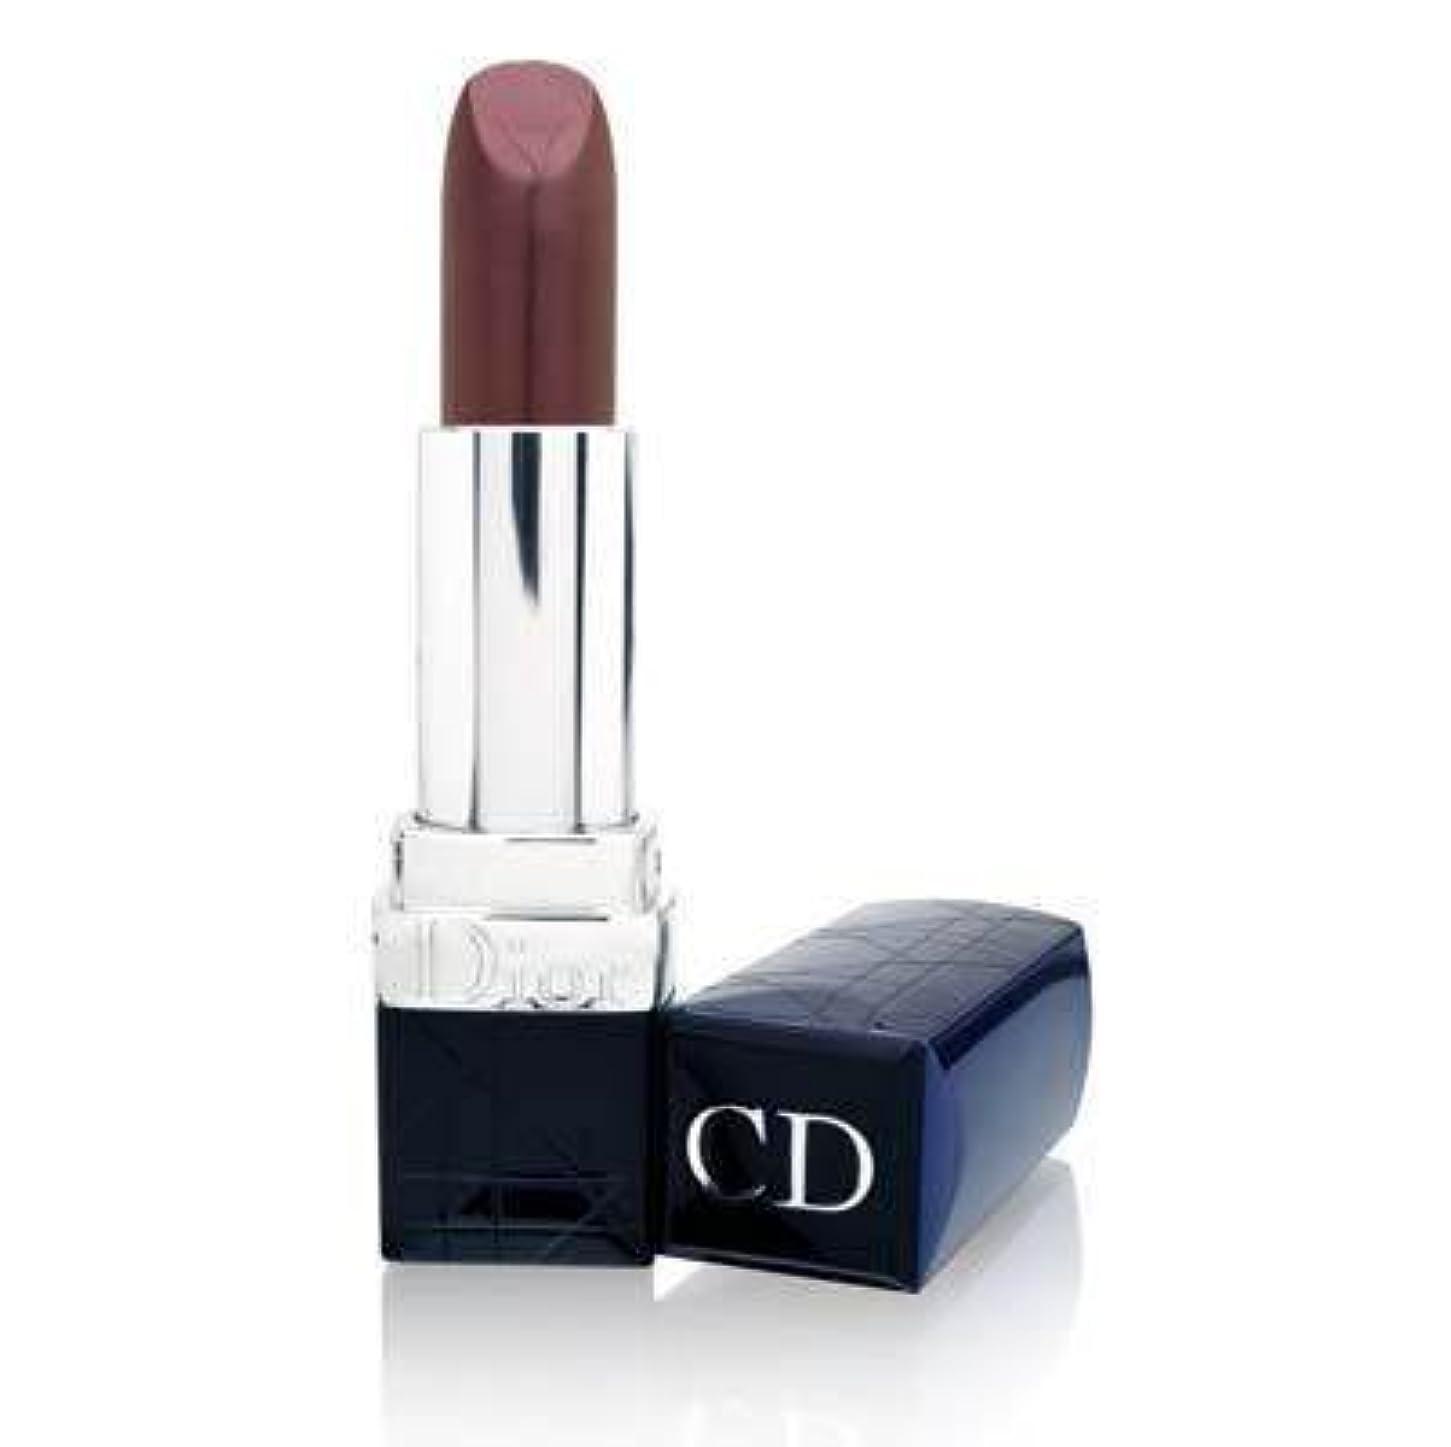 アルコーブ上げる超越するRouge Dior Replenishing Lipstick 966 Purple Sultan Satin(ルージュディオール リプレニッシング リップスティック 966 パープル スルタン サテン)[海外直送品]...